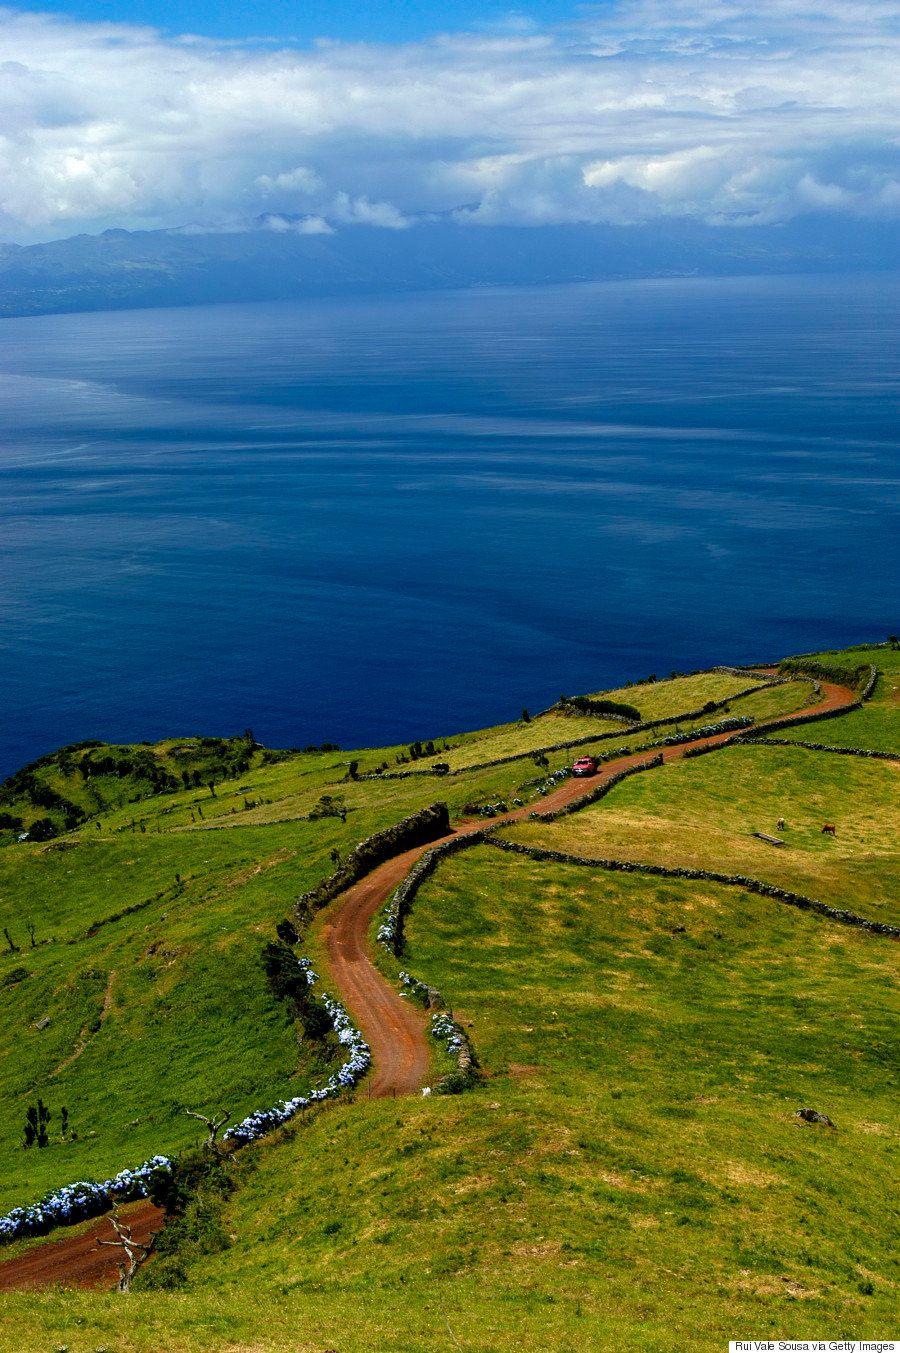 アゾレス諸島、この地球の楽園を知っていますか?(画像集)